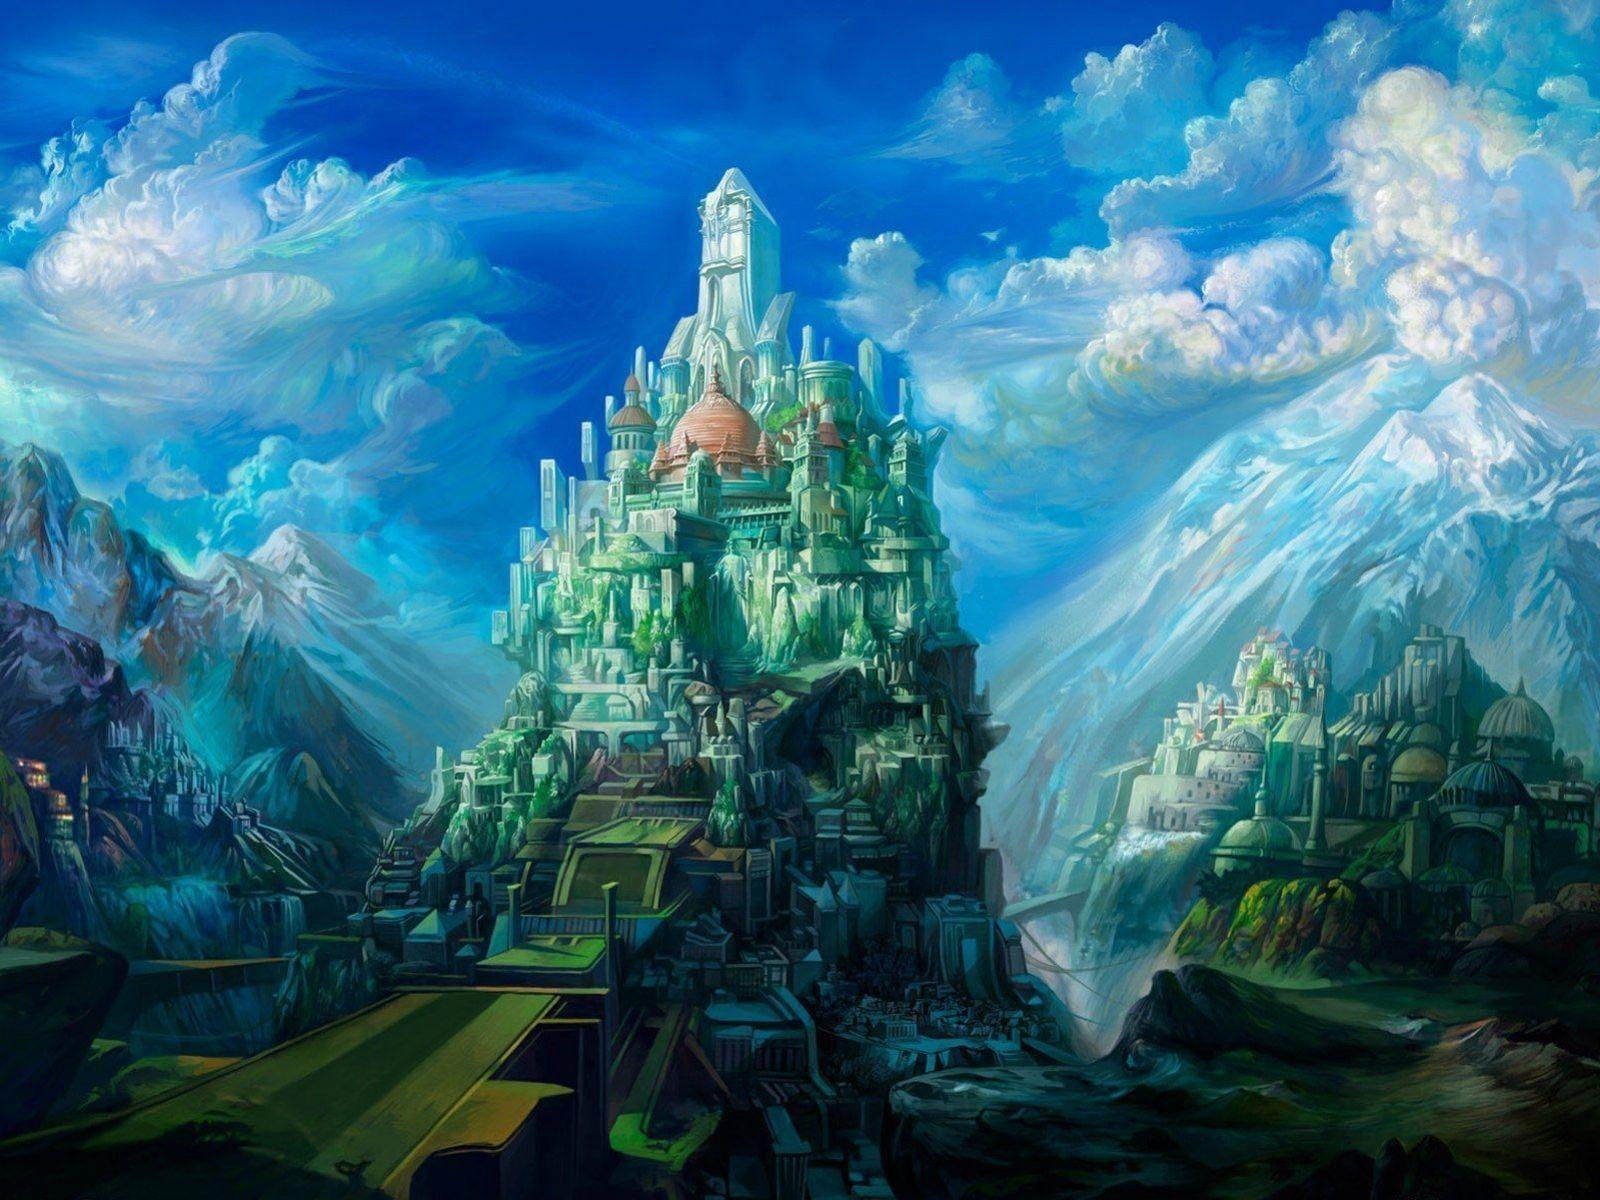 fantasy art love | fantasy art 3d hd wallpaper | magical places